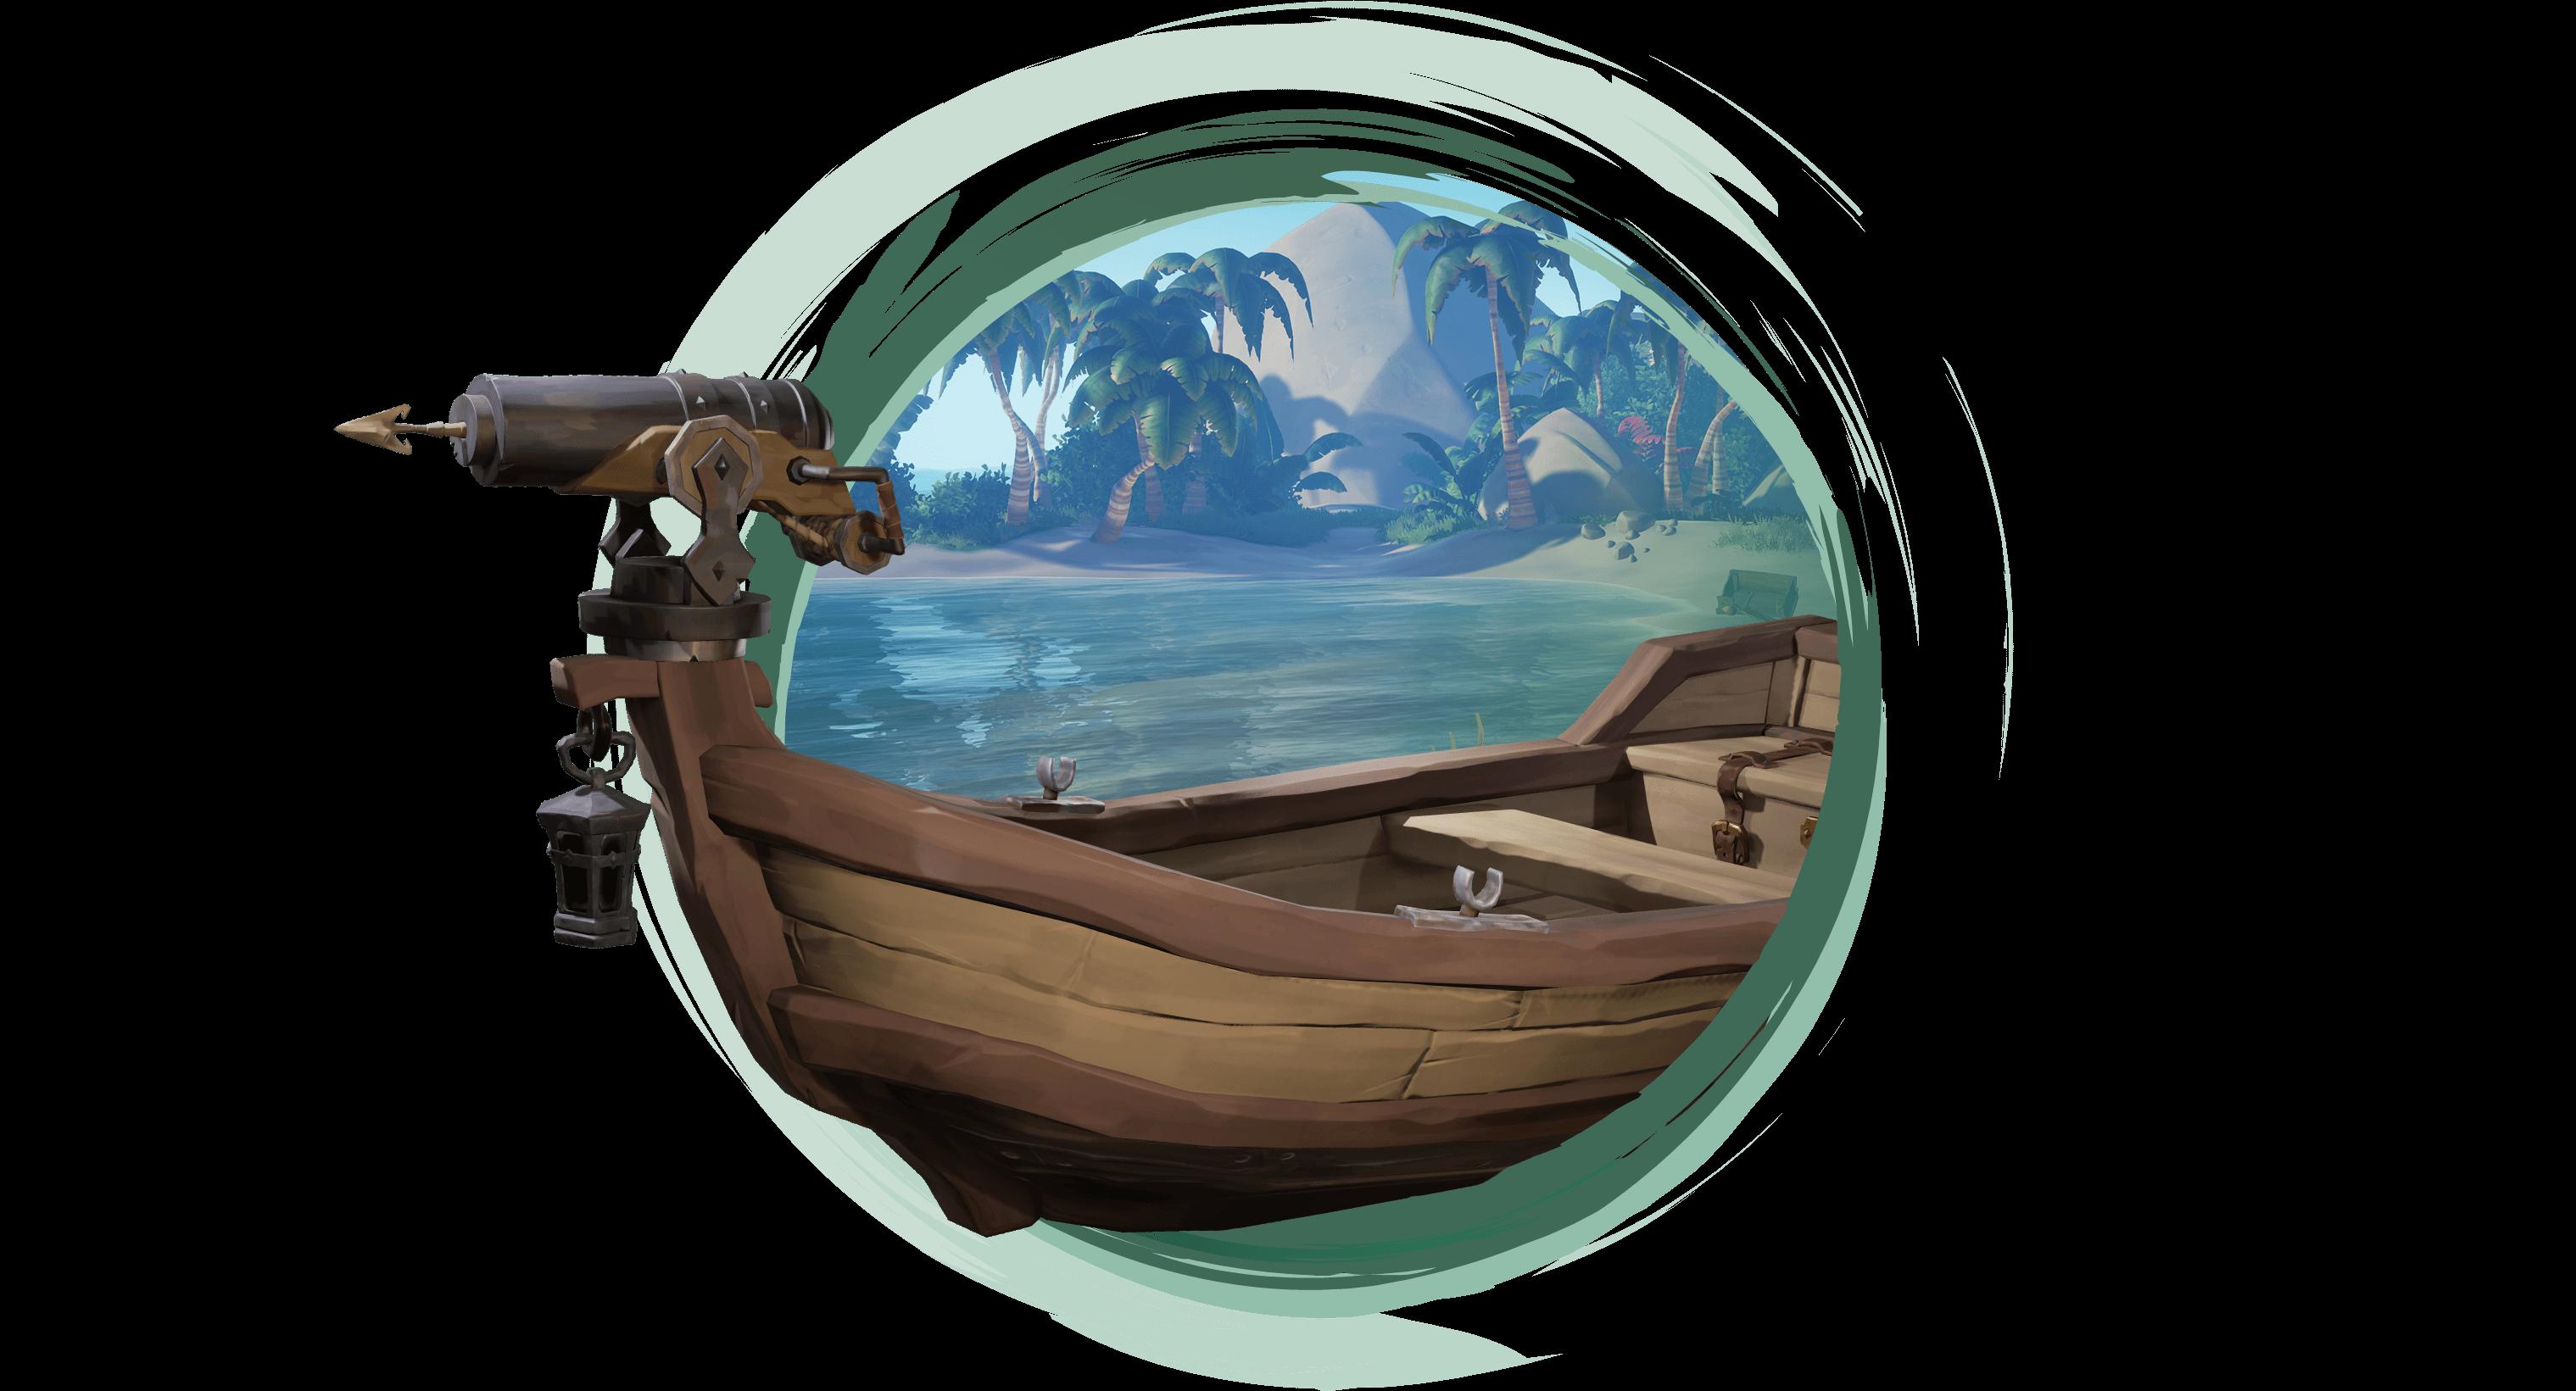 Dale cuerda a tu barco